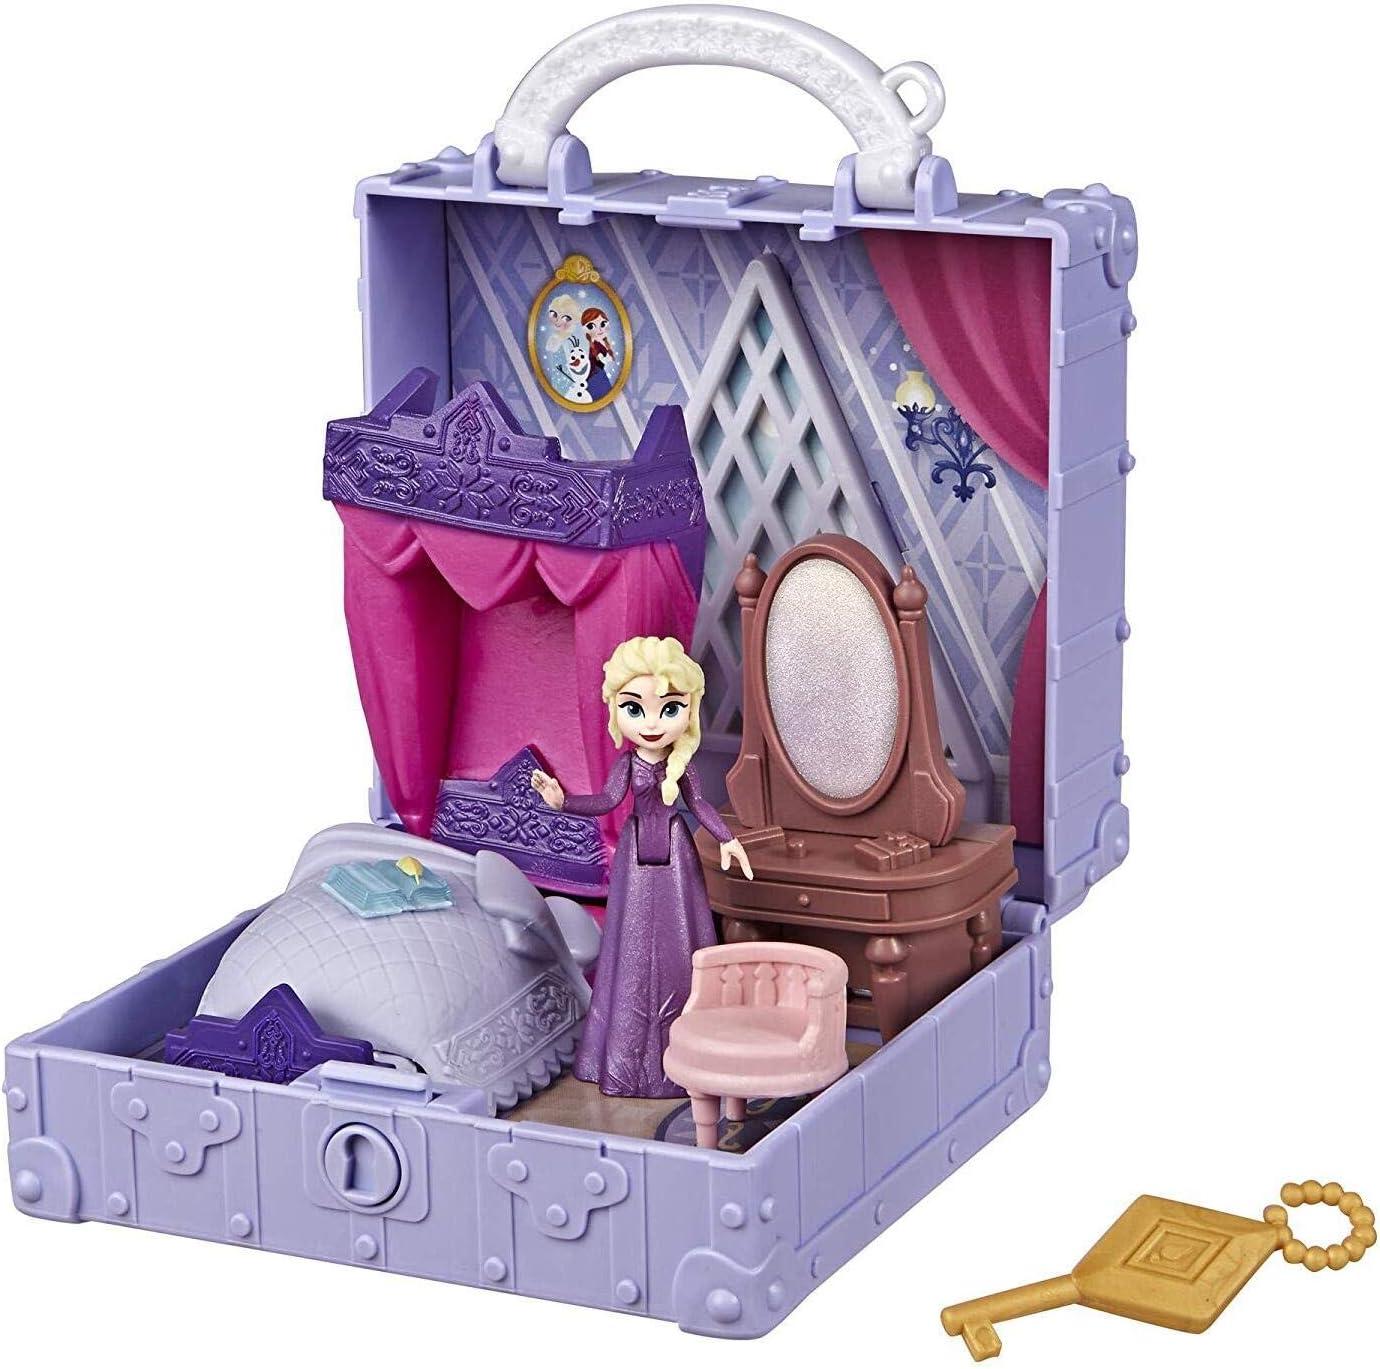 Disney Frozen Pop Adventures Elsa's Bedroom Pop-Up Playset with Brown/a